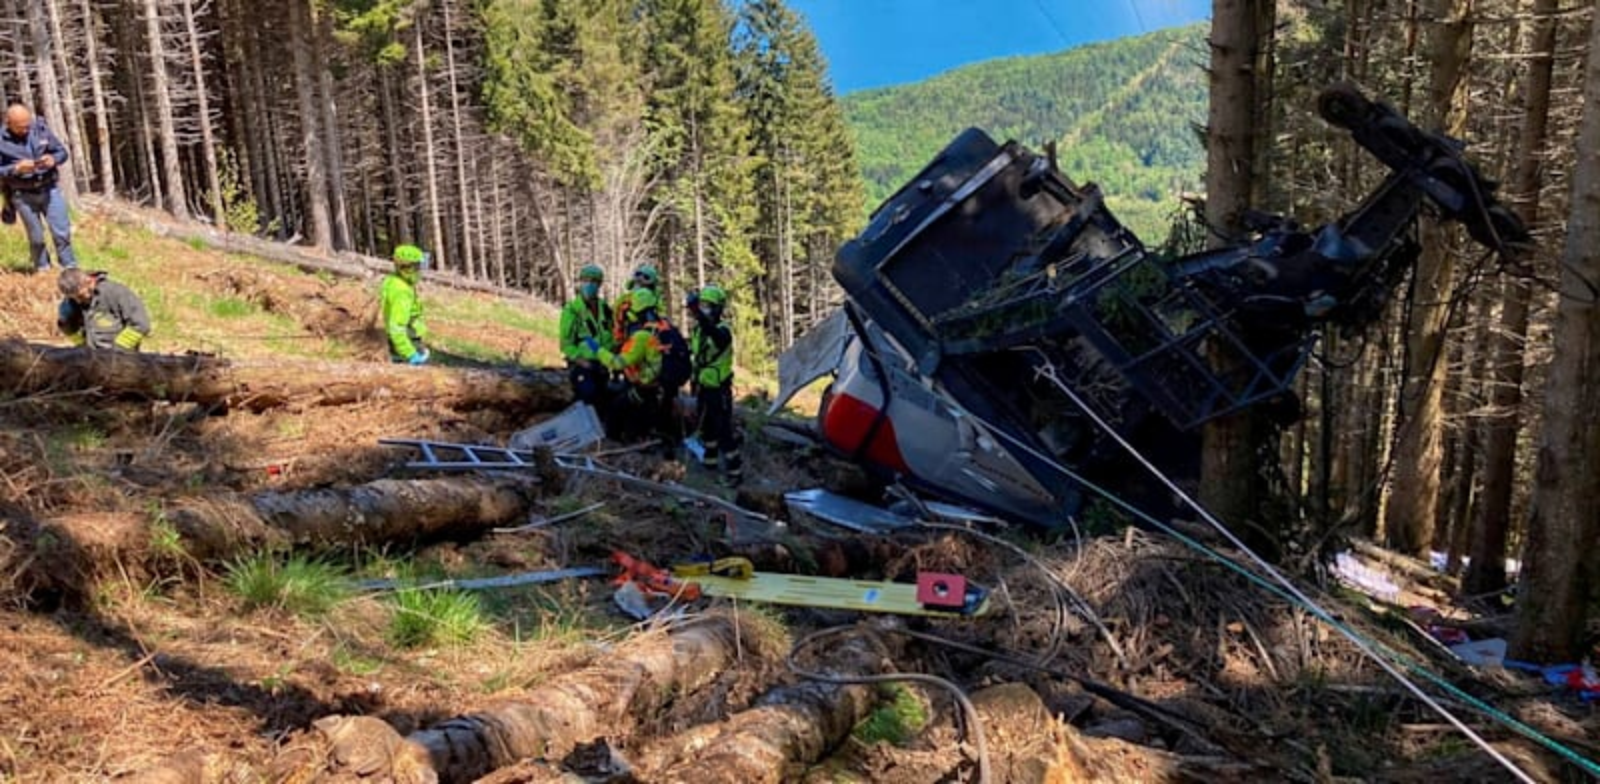 התרסקות הרכבל באיטליה / צילום: Reuters, KEVIN LAMARQUE